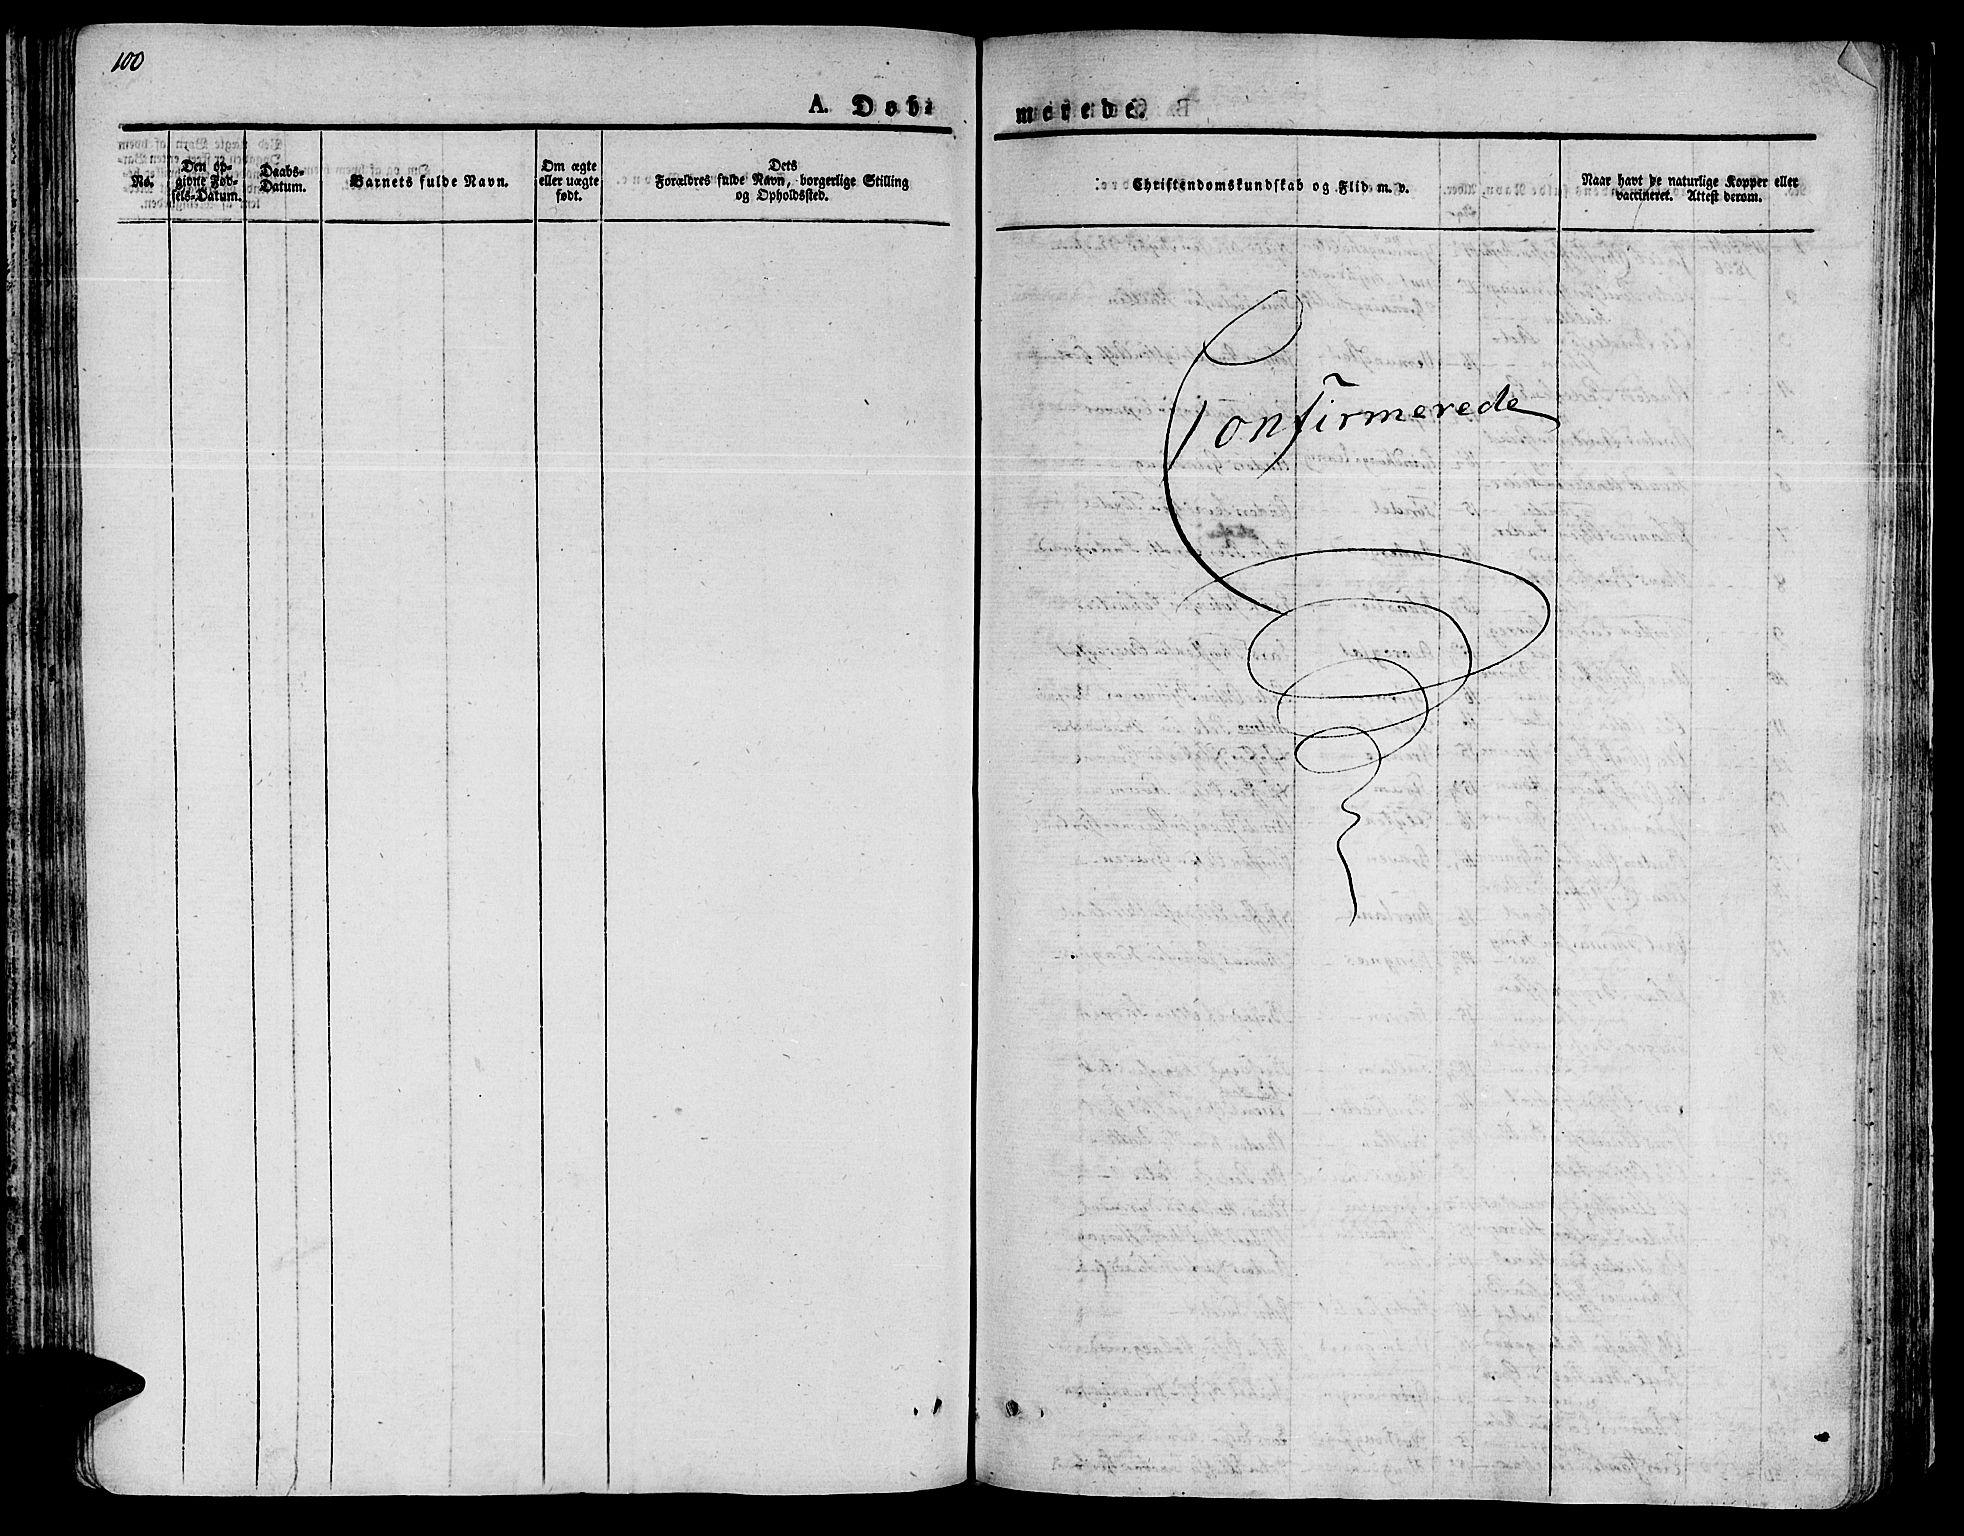 SAT, Ministerialprotokoller, klokkerbøker og fødselsregistre - Sør-Trøndelag, 646/L0609: Ministerialbok nr. 646A07, 1826-1838, s. 100